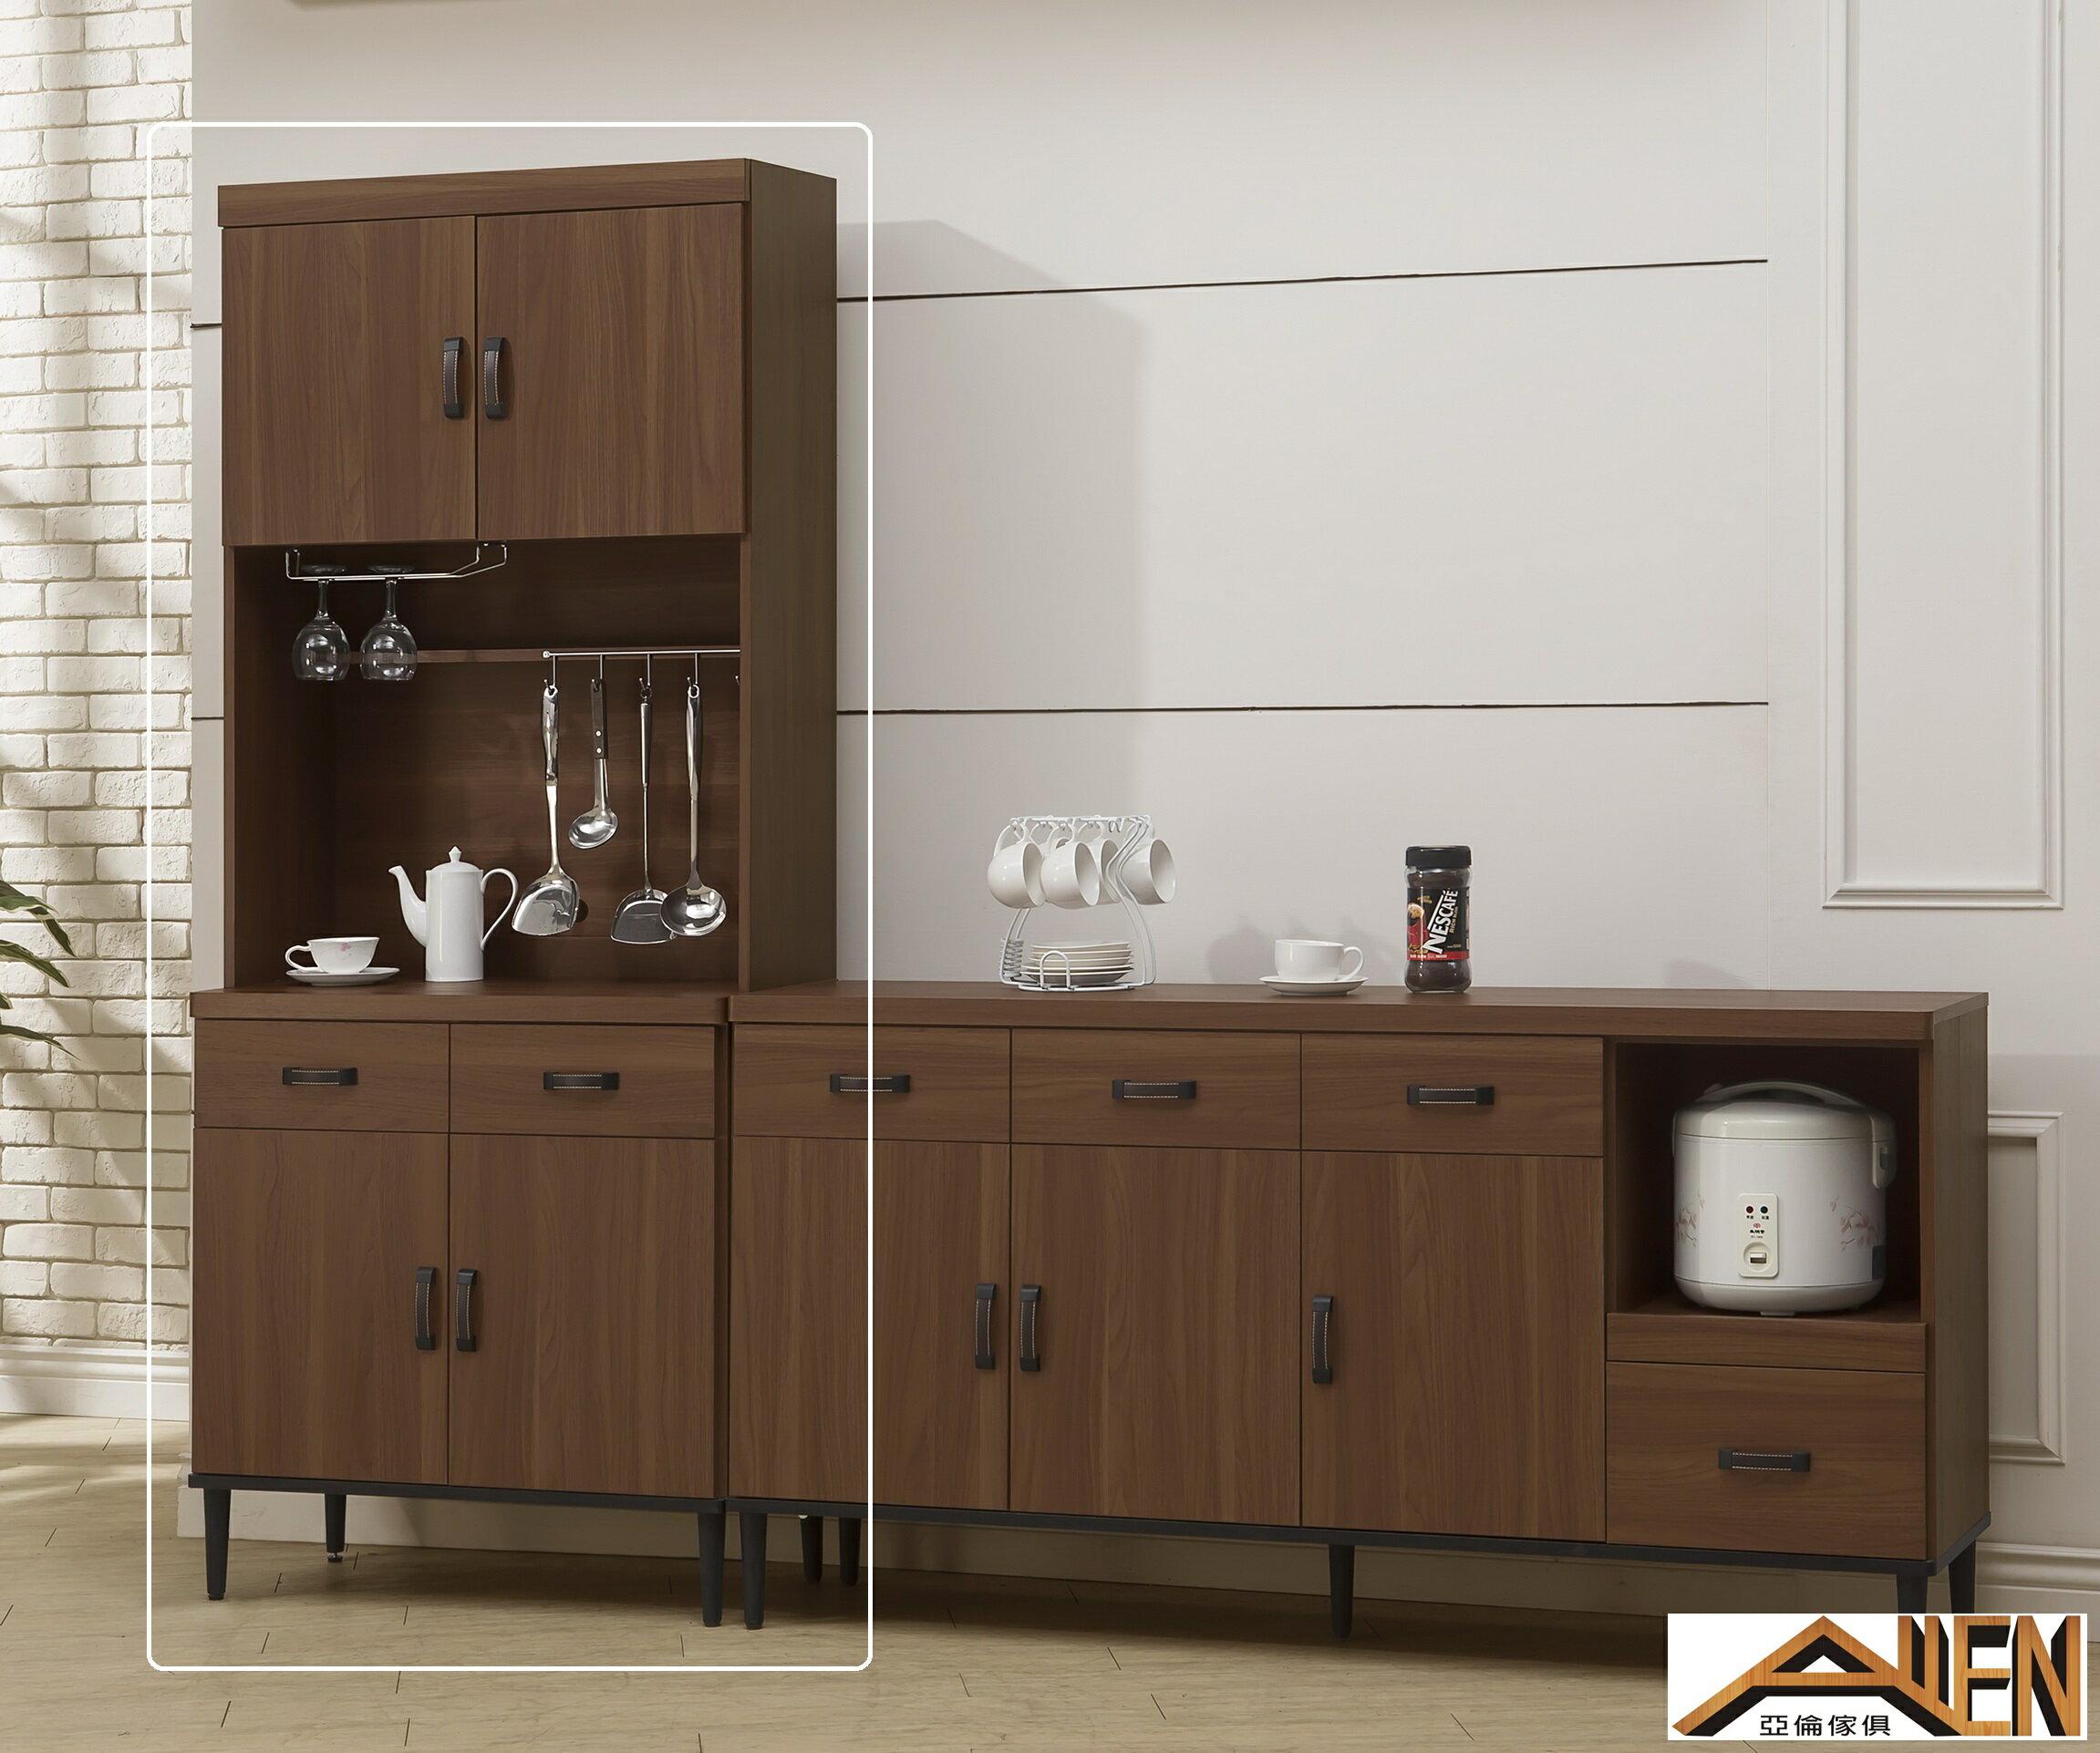 亞倫傢俱*亞當斯立體木紋雙門碗盤櫃全組 0